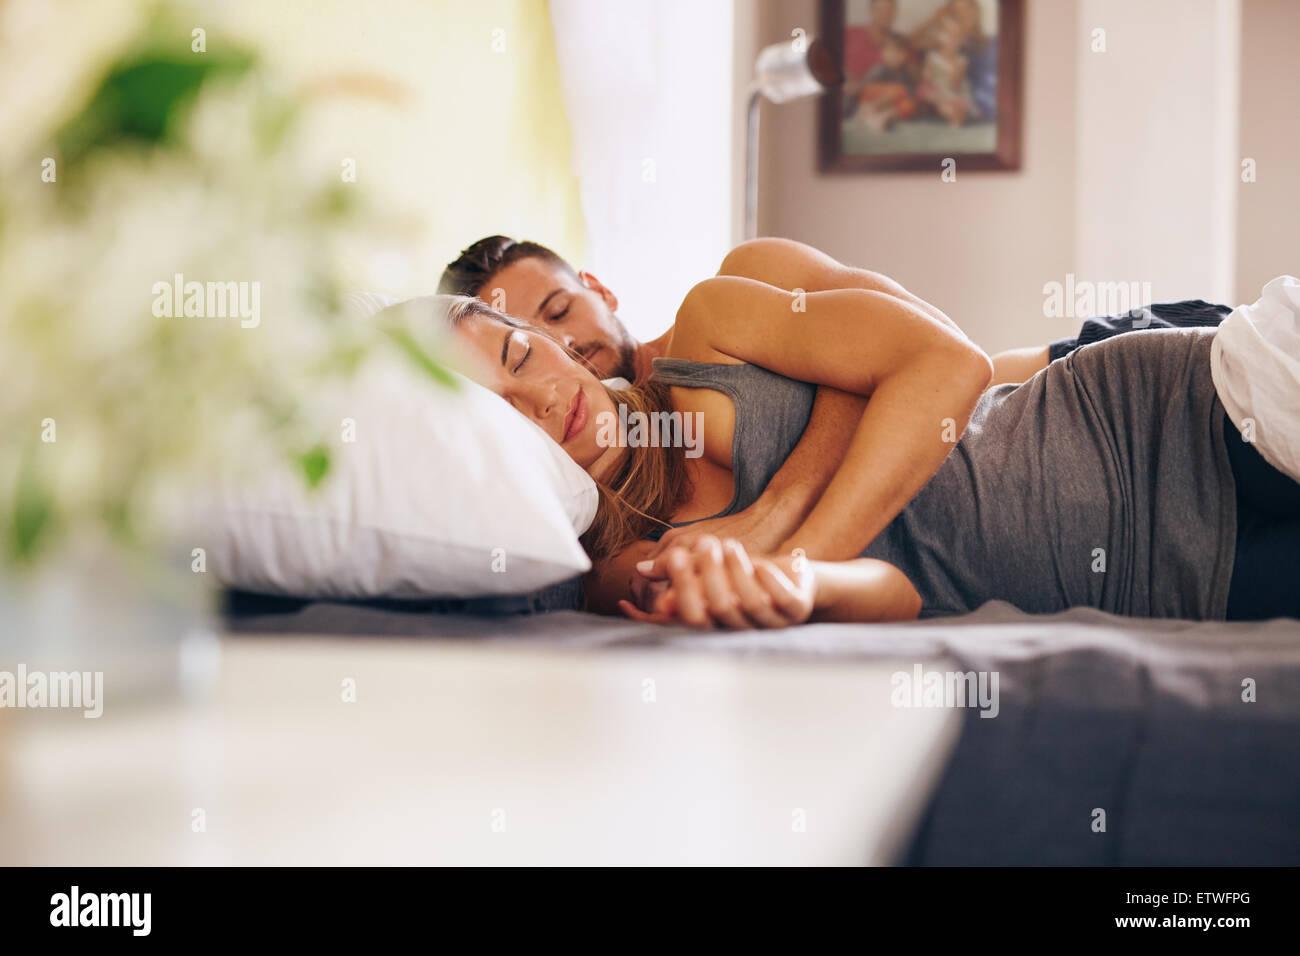 Immagine della coppia giovane dormire sonni tranquilli nel letto insieme. Il marito e la moglie dormono insieme Immagini Stock